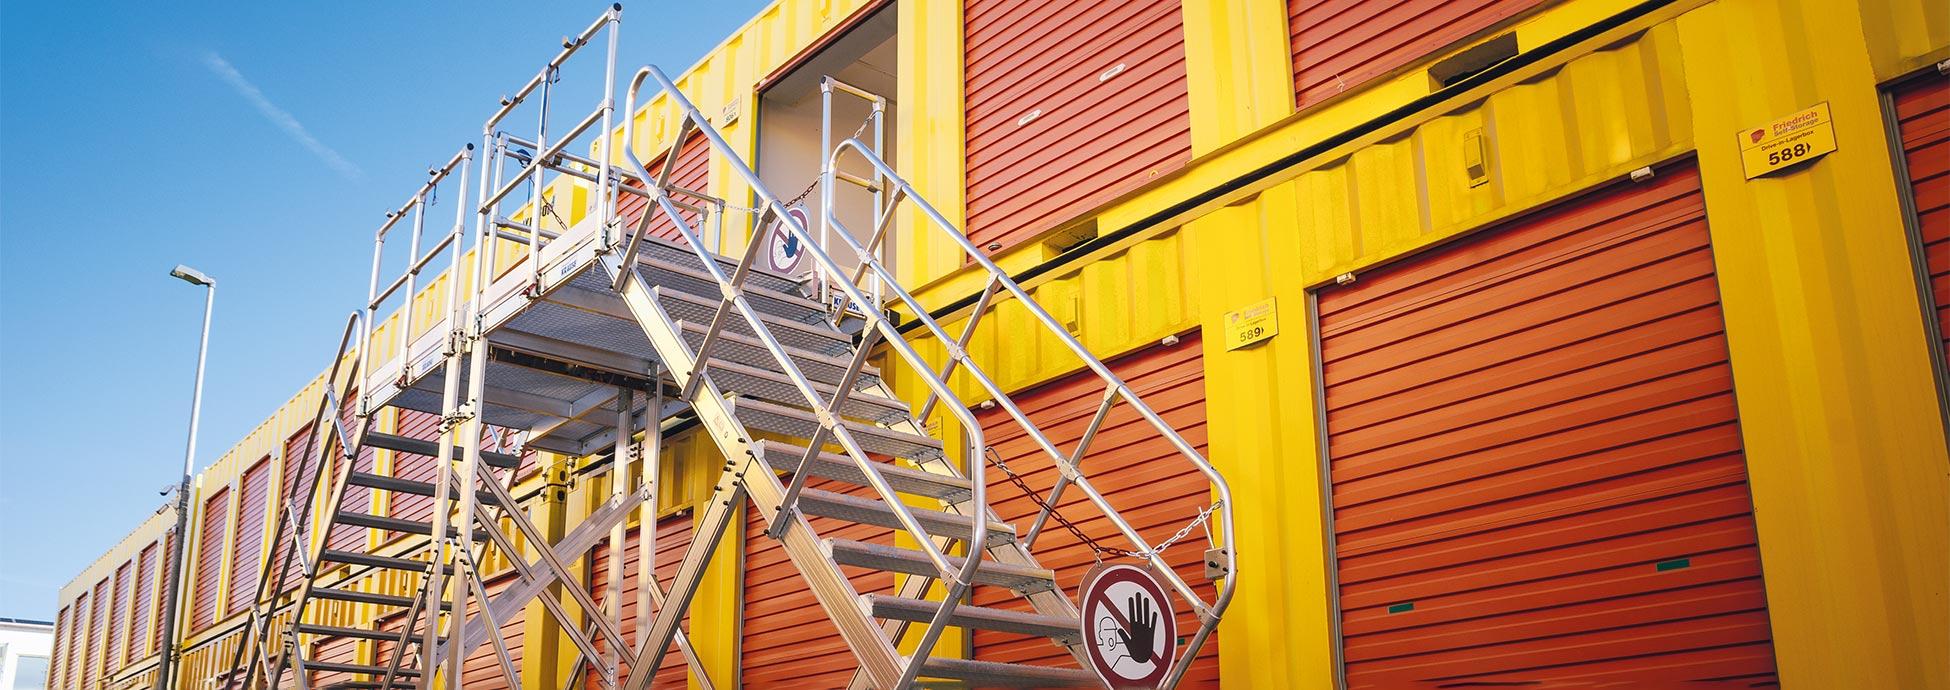 Két lépcső kombinálásából létrehozott két oldalon járható lépcső